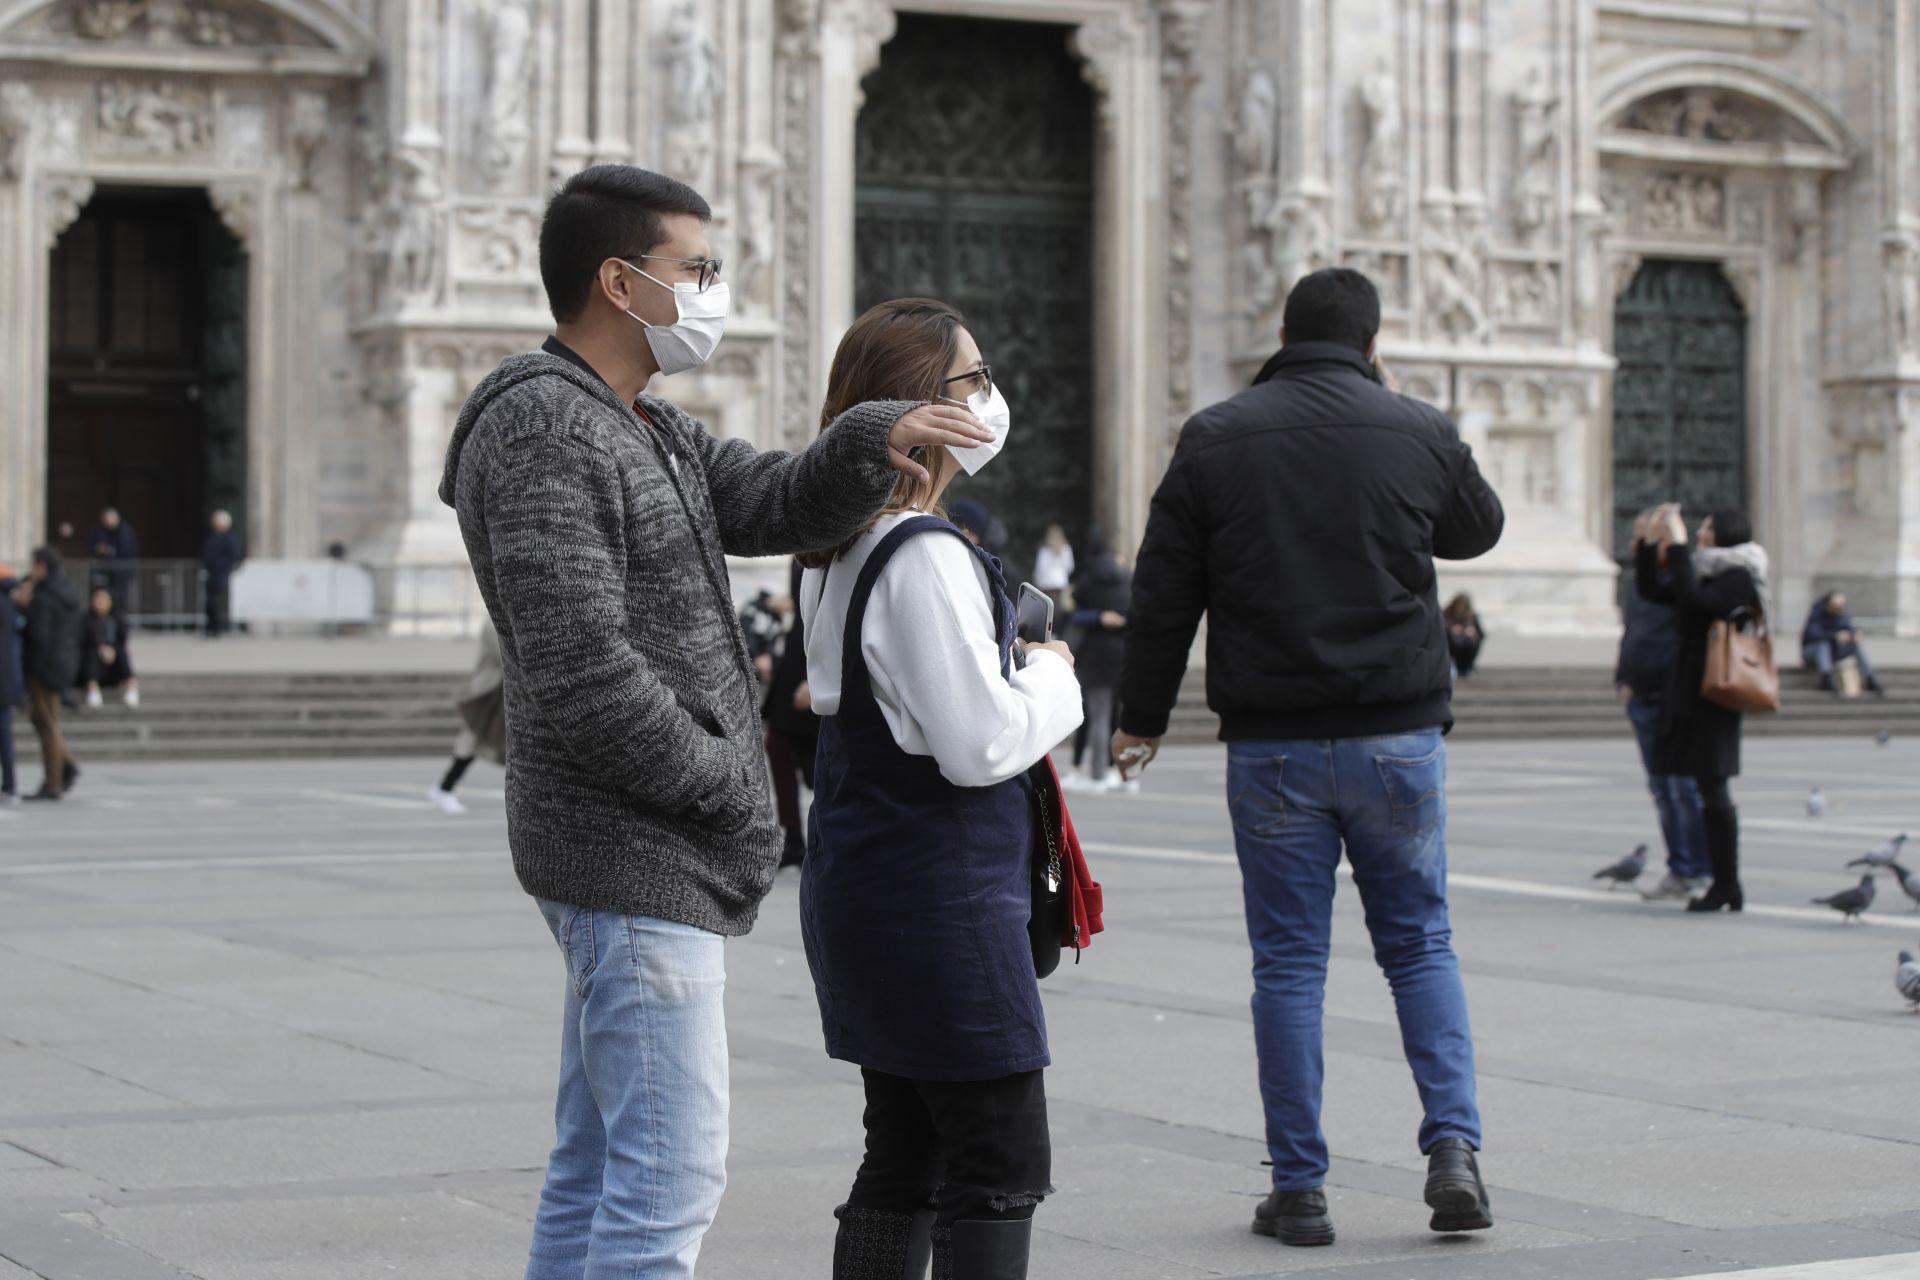 Централният площад в Милано - Пиаца дел Дуомо